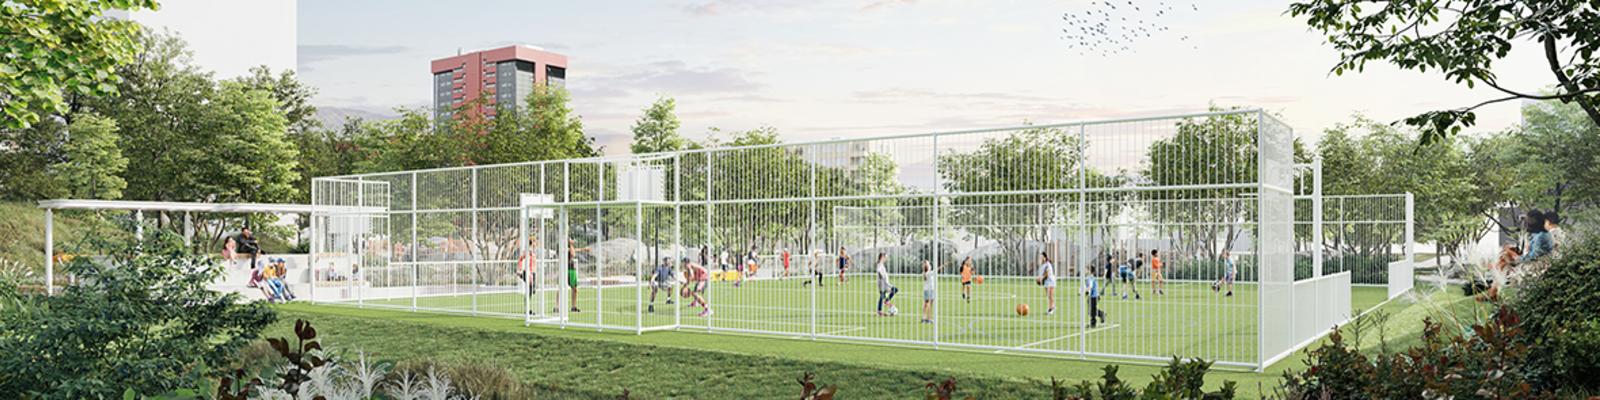 Sportveld Nieuw Gent